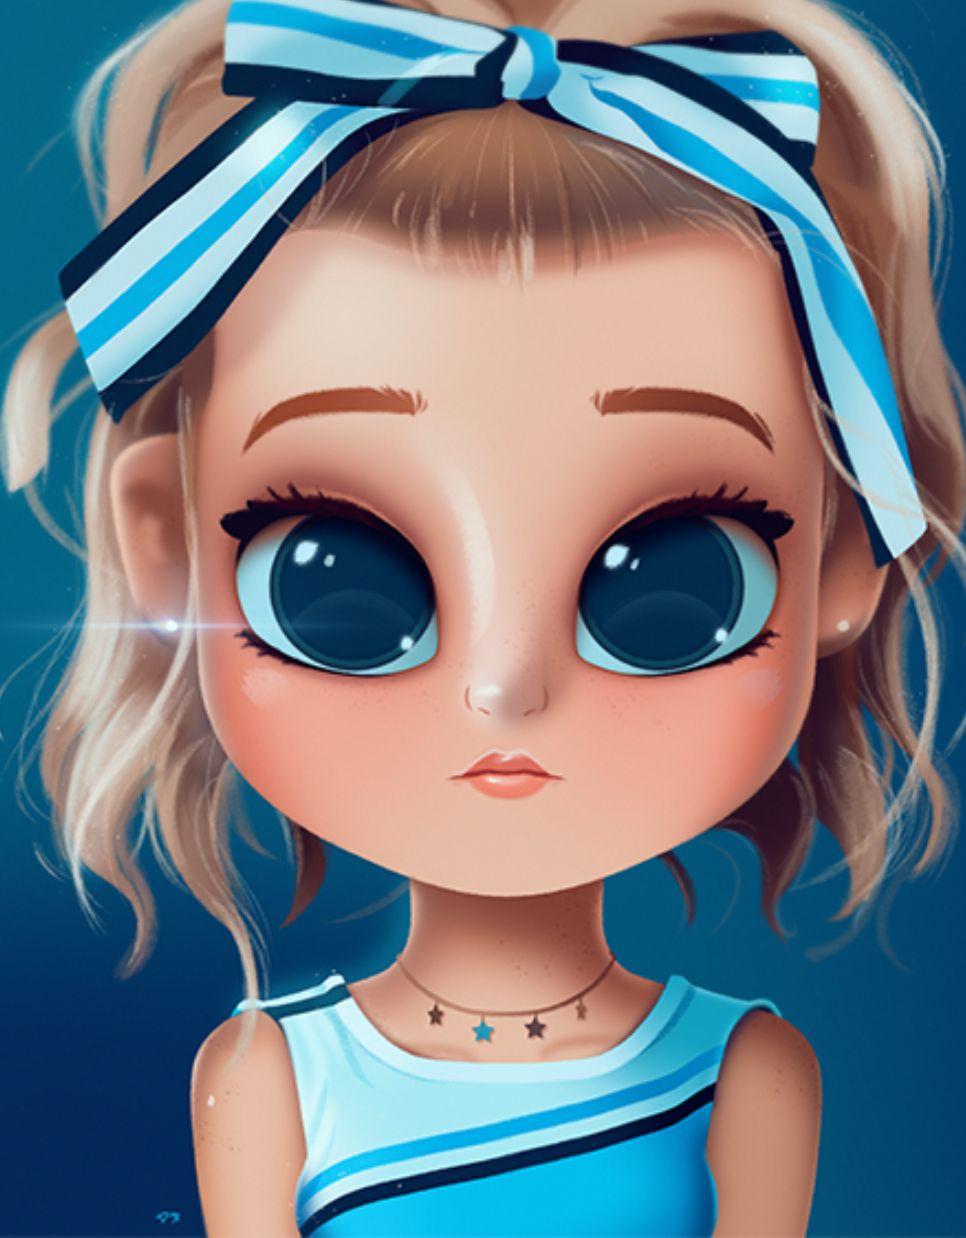 Pin De Martina Avila Burgos Em Cute Desenhos De Bonecas